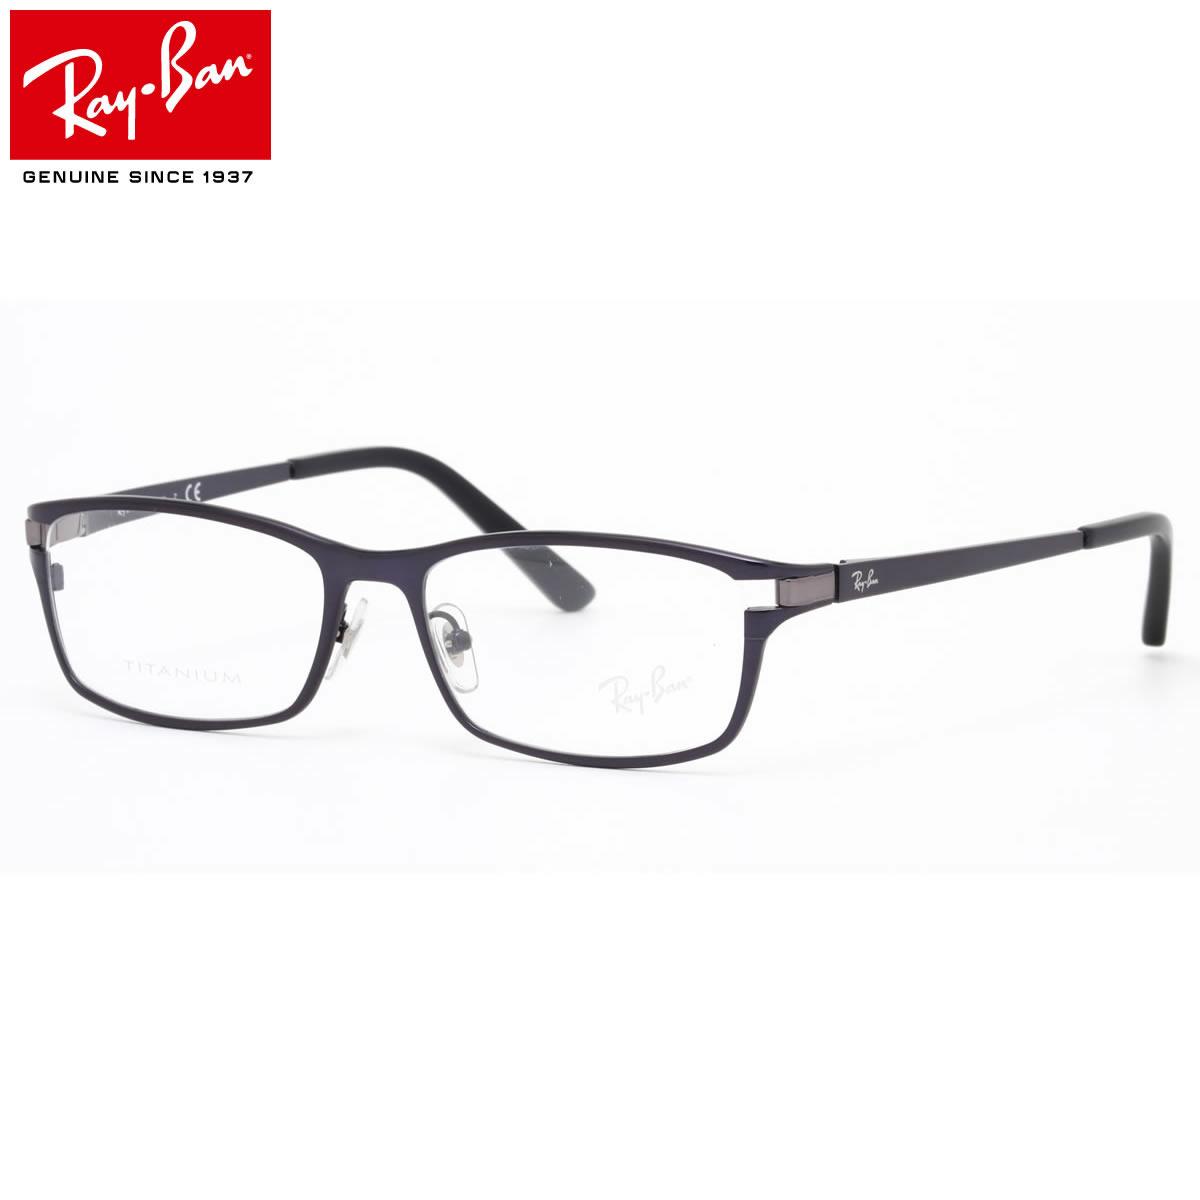 レイバン メガネ 正規商品販売店 14時までのご注文で即日発送 日本全国送料無料 ギフトバッグ コンビニ手数料無料 Ray-Ban RX8727D レイバン純正レンズ対応 JPフィット メンズ 送料無料でお届けします 予約販売 スクエア 54 度数付き対応 1061 RayBan レディース